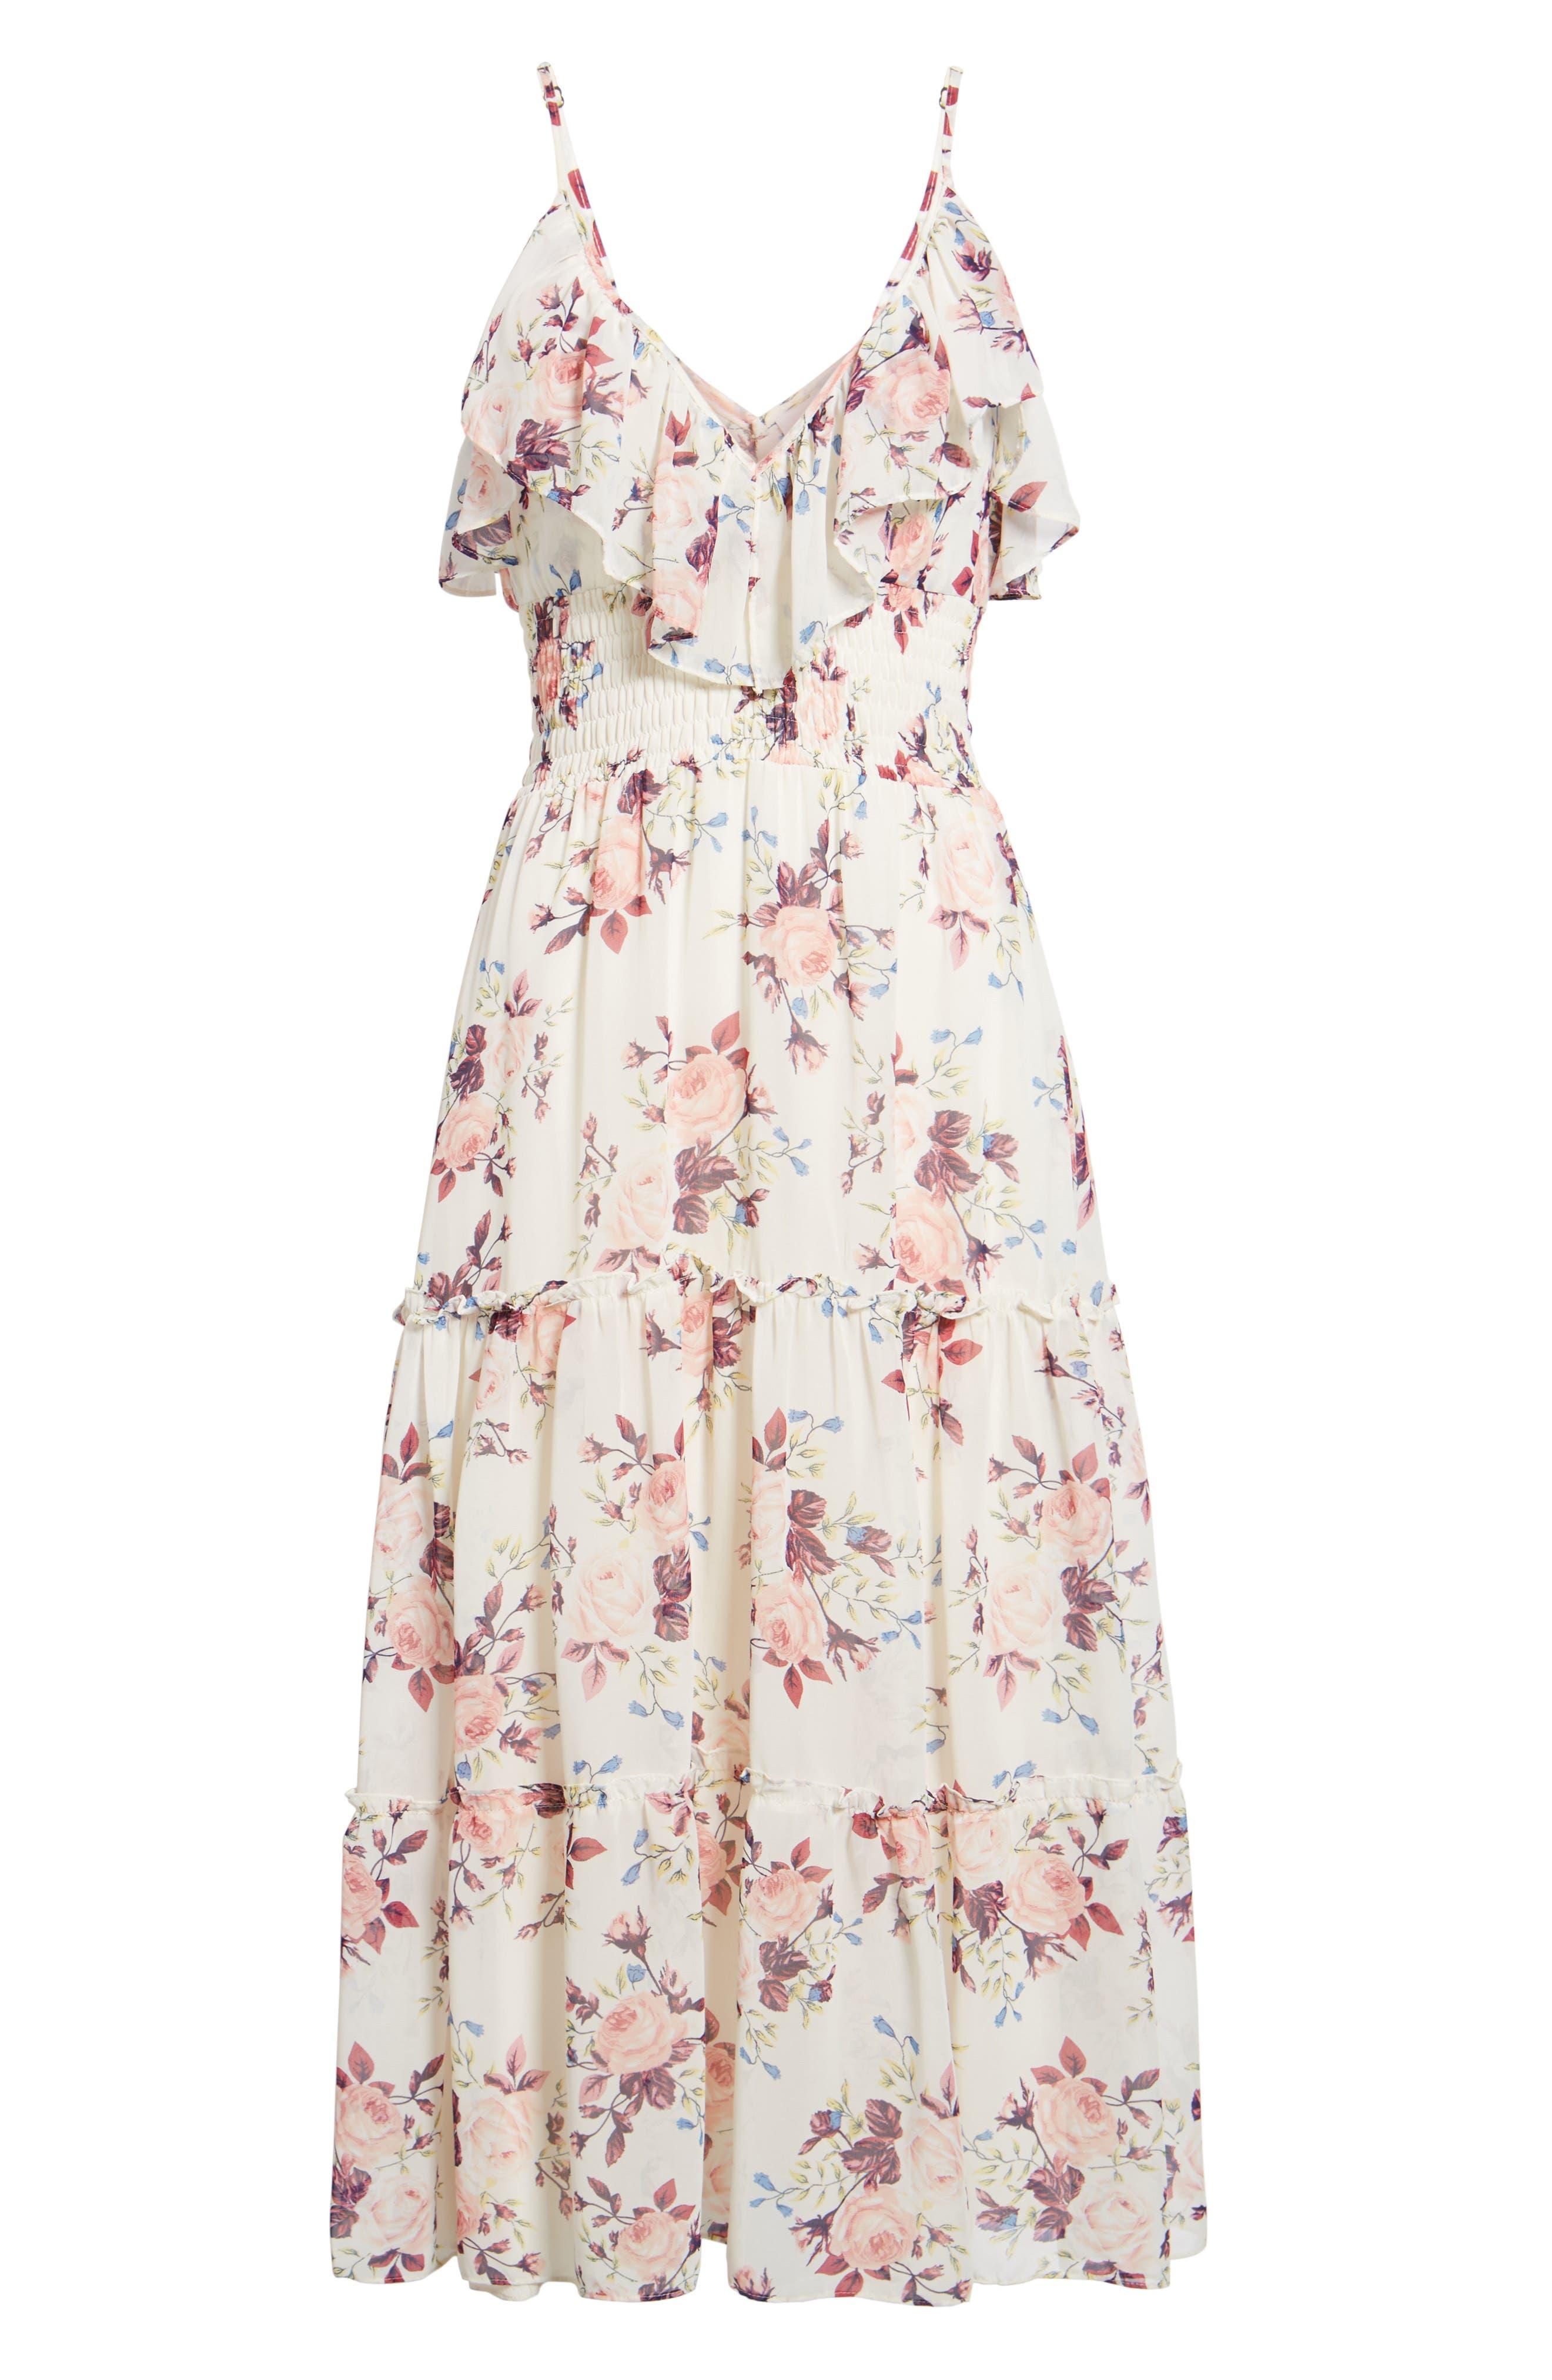 Aviana Midi Dress,                             Alternate thumbnail 6, color,                             White/ Multi Em10